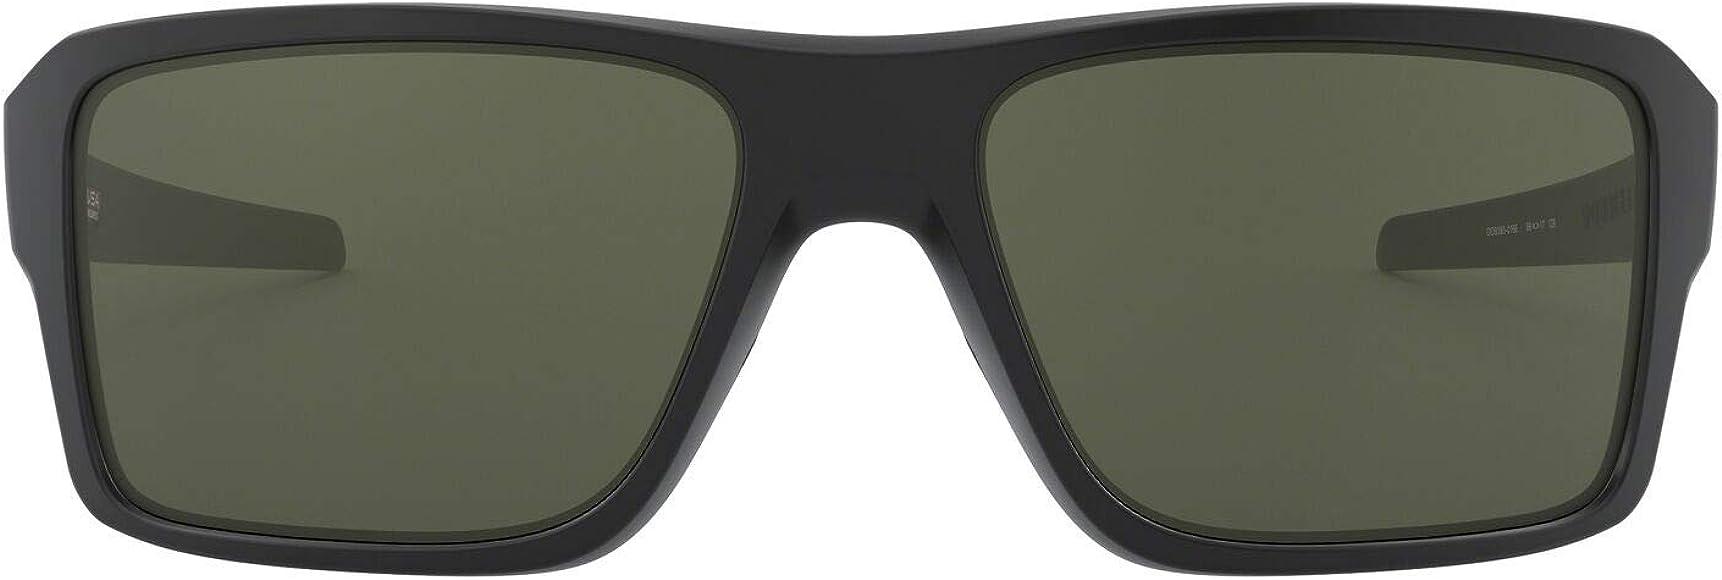 Oakley 0OO9380 Gafas de sol, Matte Black, 66 para Hombre: Amazon.es: Ropa y accesorios